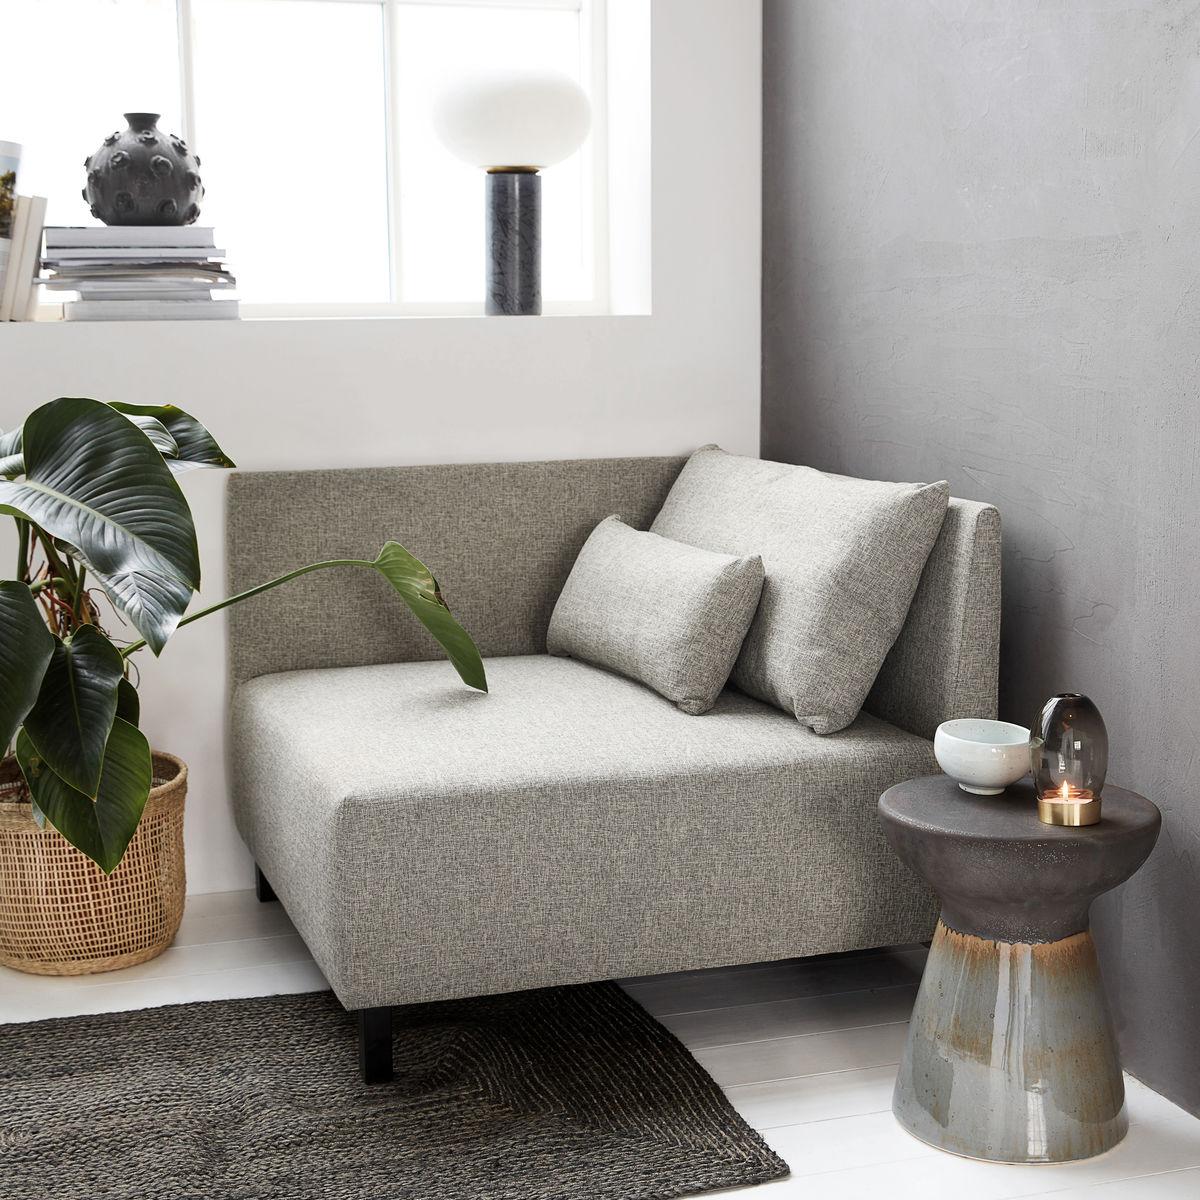 house doctor modulsofa m 2 puder box gr melange stofsofaer bobo. Black Bedroom Furniture Sets. Home Design Ideas